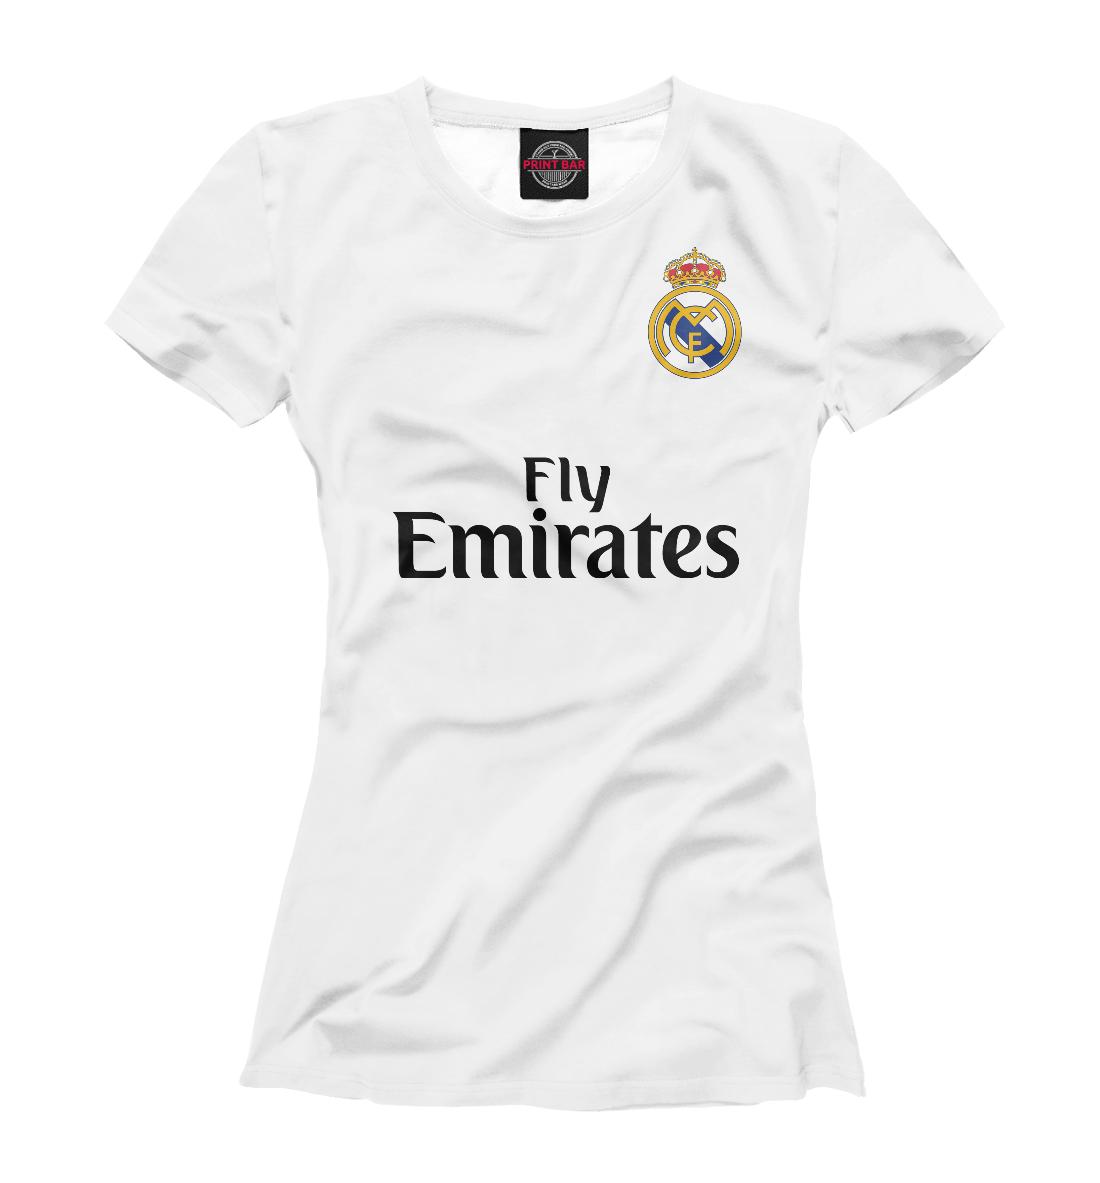 Форма Реал Мадрид, Printbar, Футболки, REA-876584-fut-1  - купить со скидкой